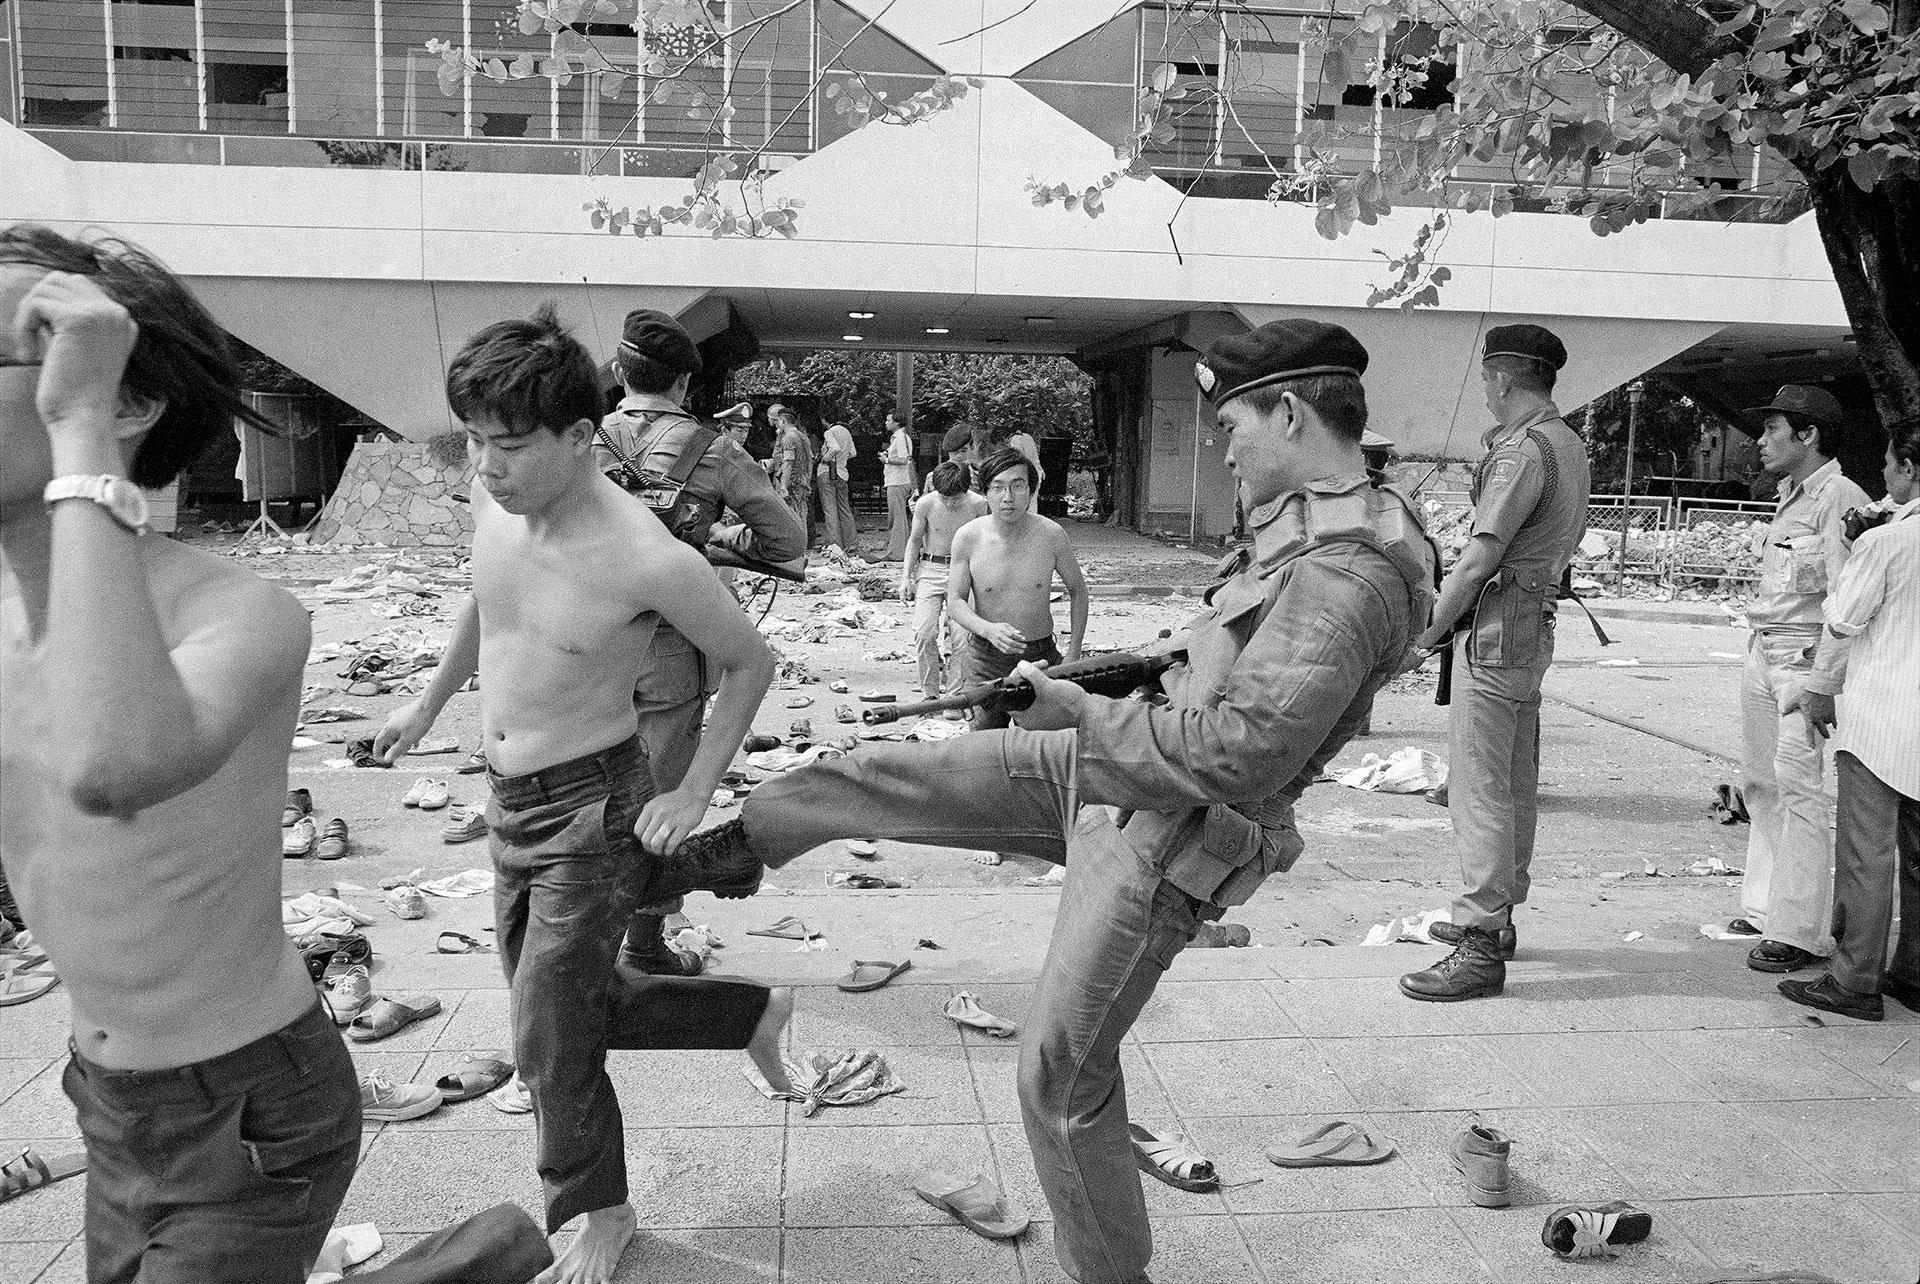 Un soldado da un puntapié a un estudiante luego de la batalla campal en la Universidad de Thammasat (AP)